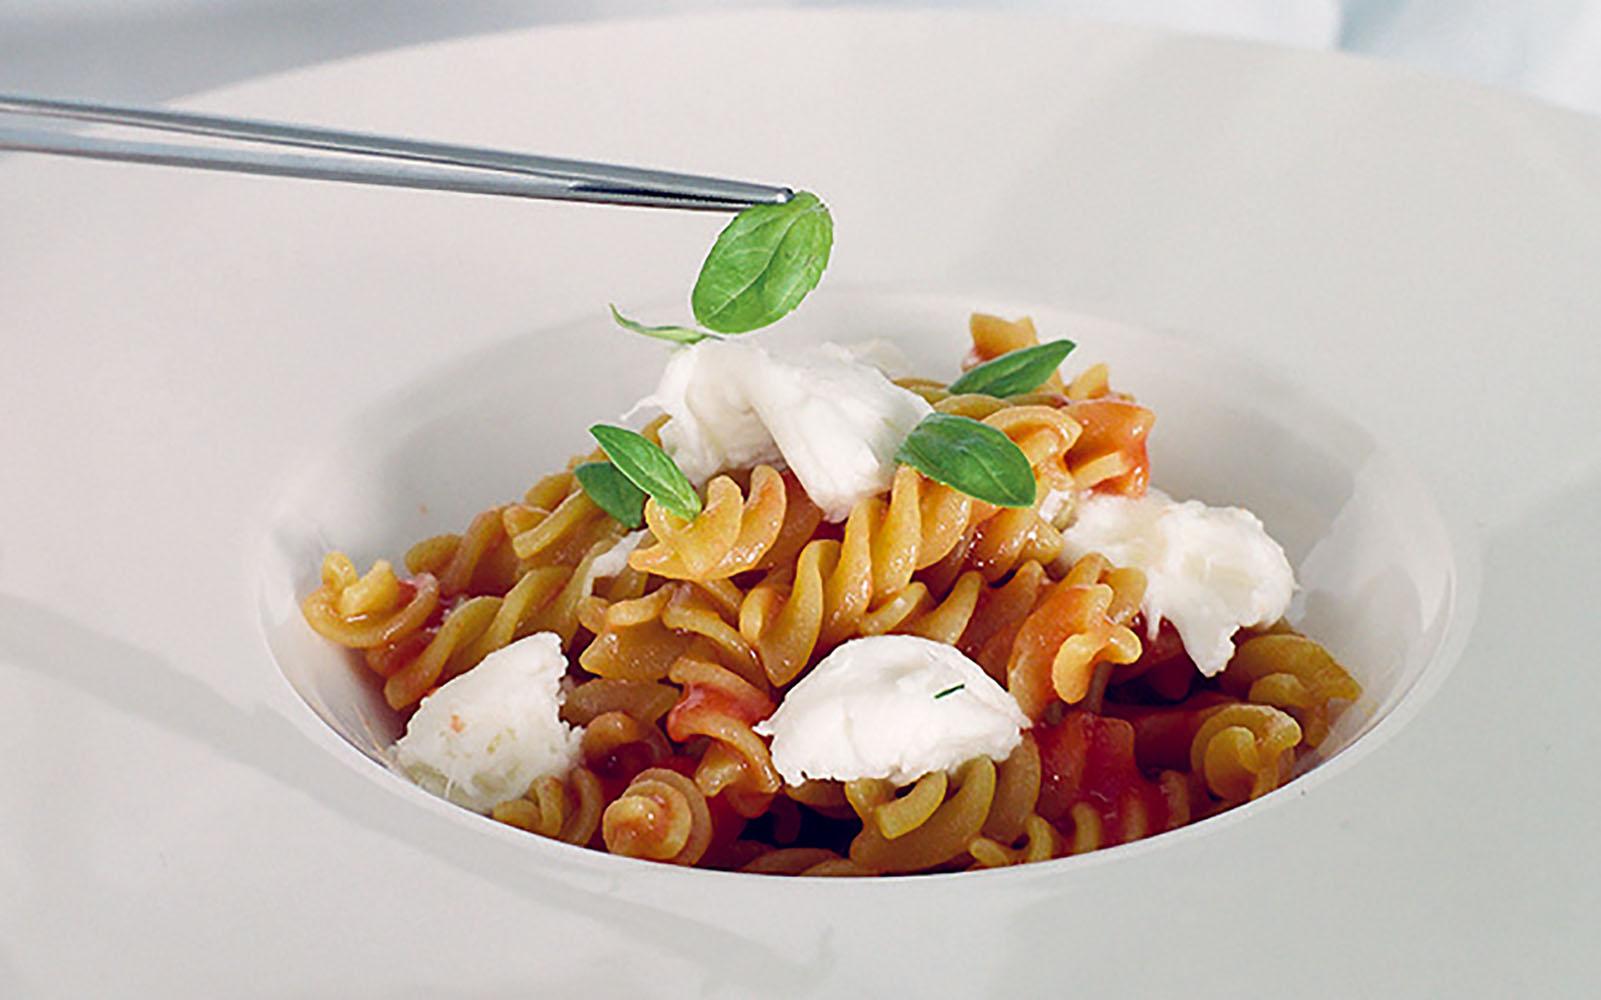 Fusilli recipe with tomato, mozzarella, garlic and basil